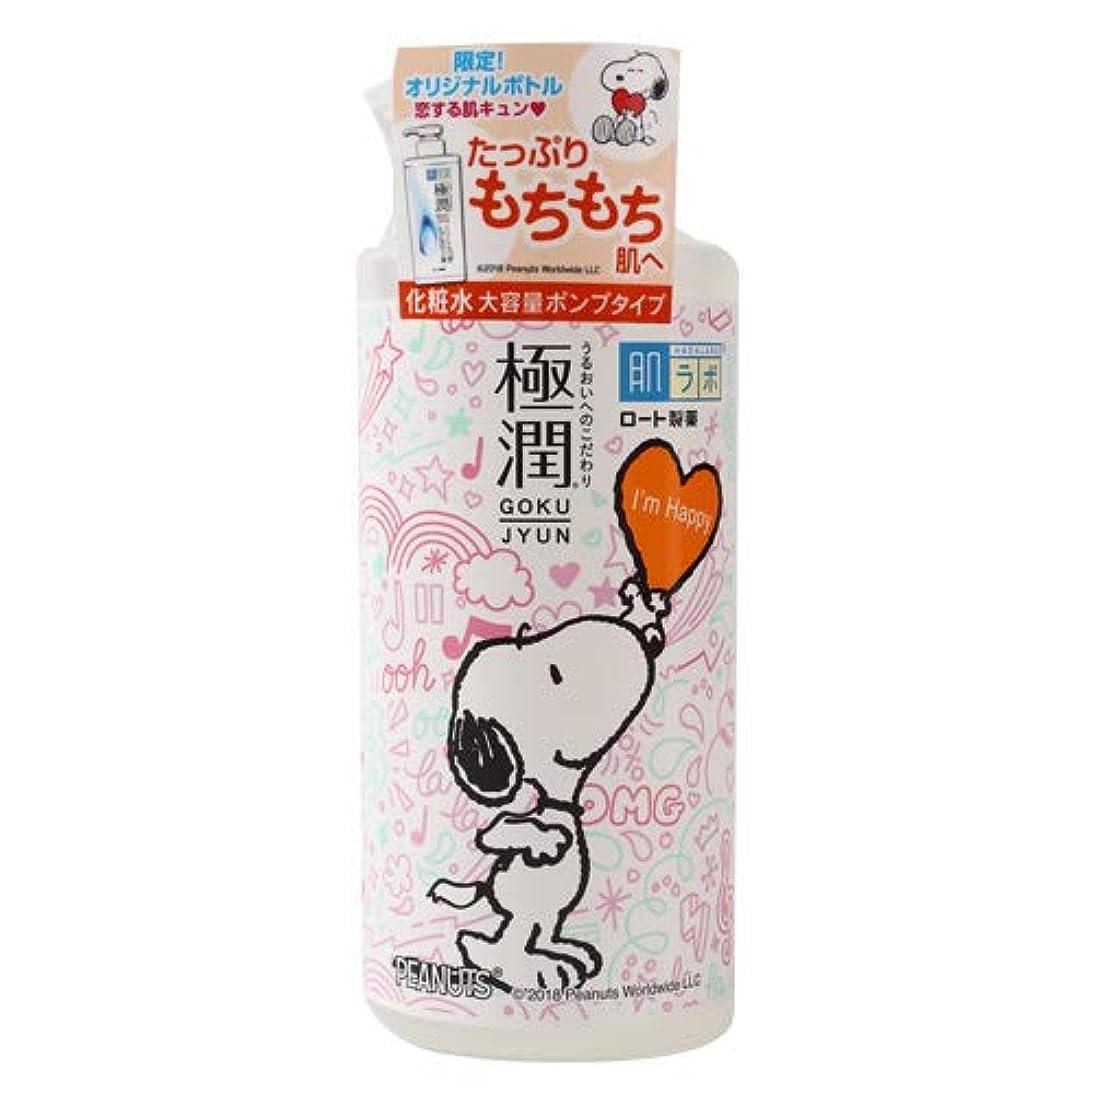 振り返るペースト悪行肌ラボ 極潤 スヌーピー ヒアルロン酸 化粧水 ヒアルロン酸3種配合 大容量ポンプタイプ 400ml ヒアルロン液 HADARABO GOKUJYUN Snoopy Peanuts スヌーピー グッズ (A. I'm Happy)